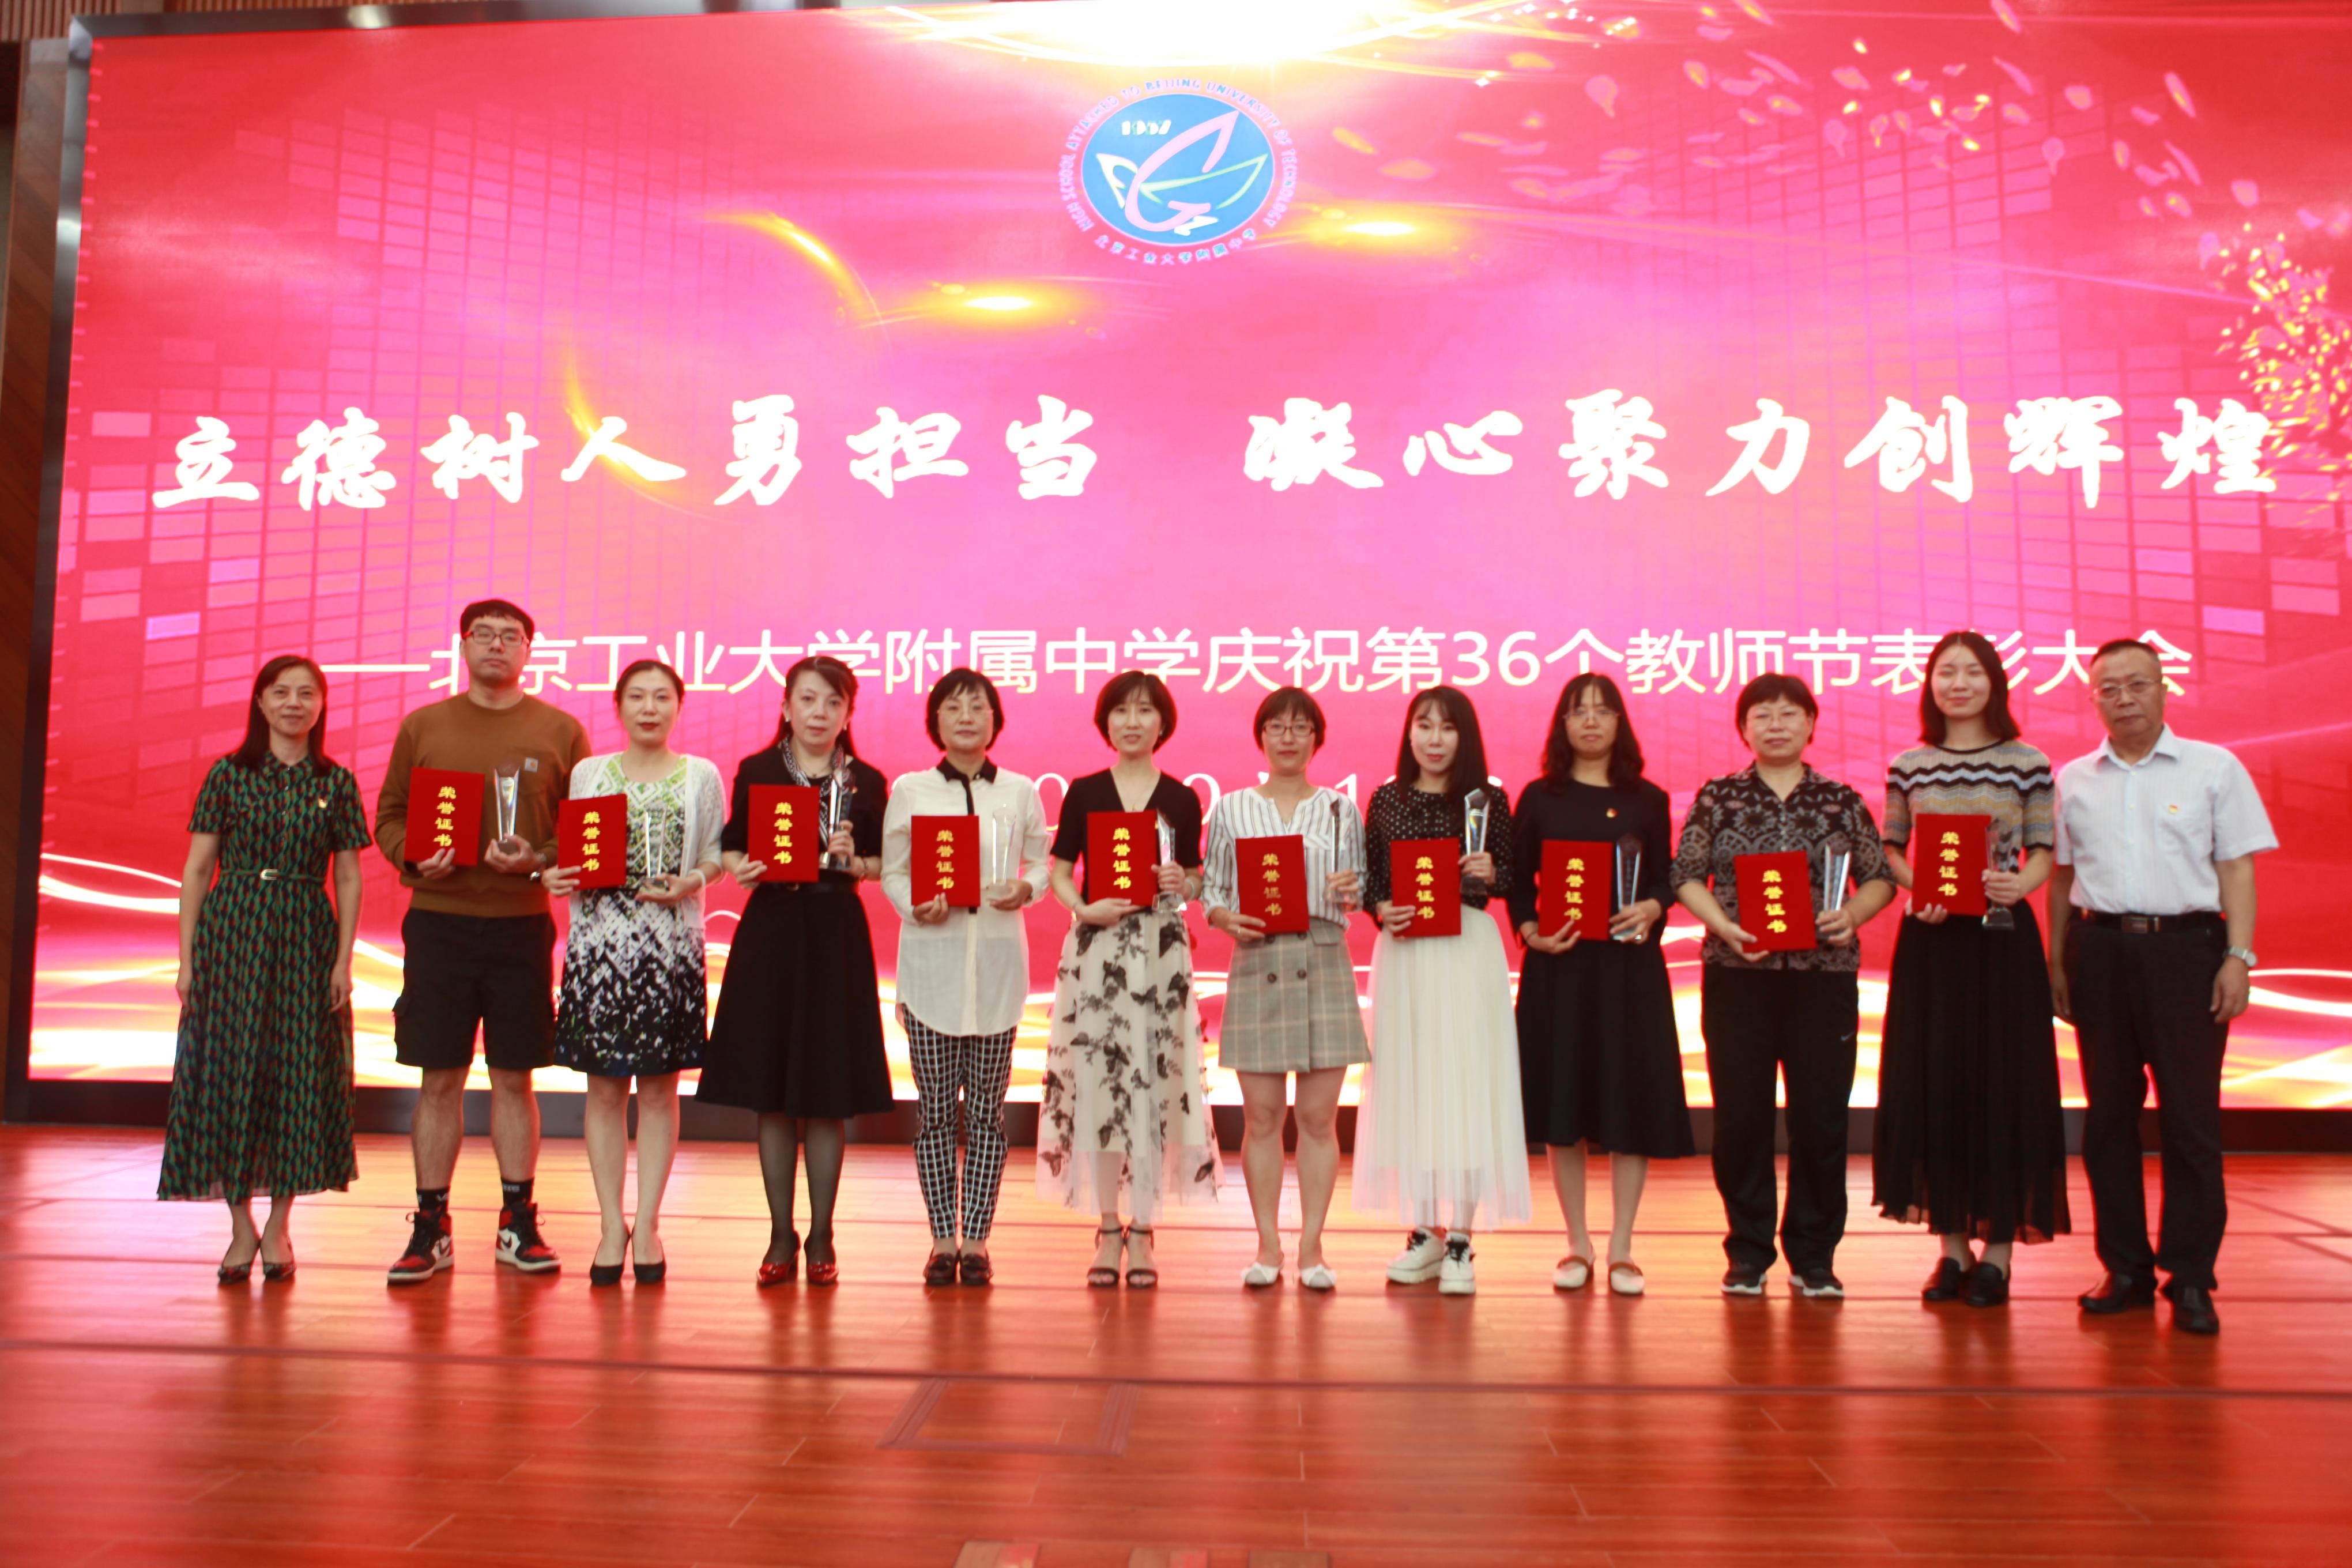 立德树人勇担当  凝心聚力创辉煌 ——北京工业大学附属中学庆祝第36个教师节表彰大会